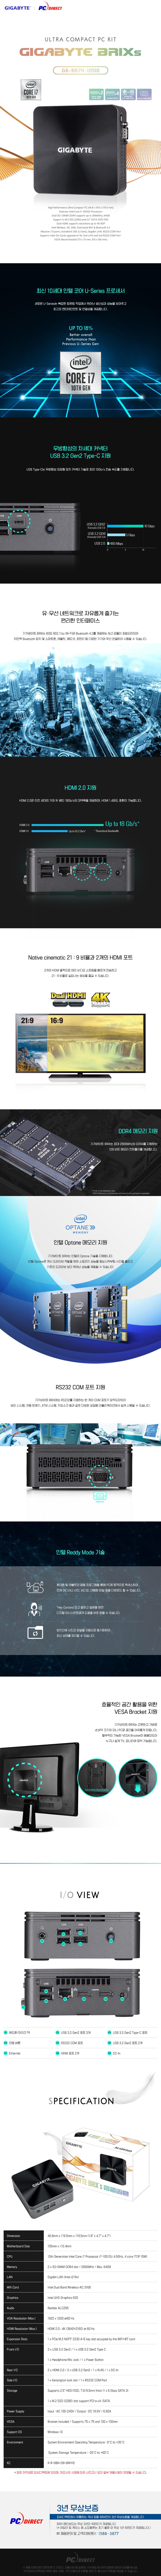 GIGABYTE BRIX GB-BRi7H-10510 SSD 피씨디렉트 (8GB, SSD 120GB)